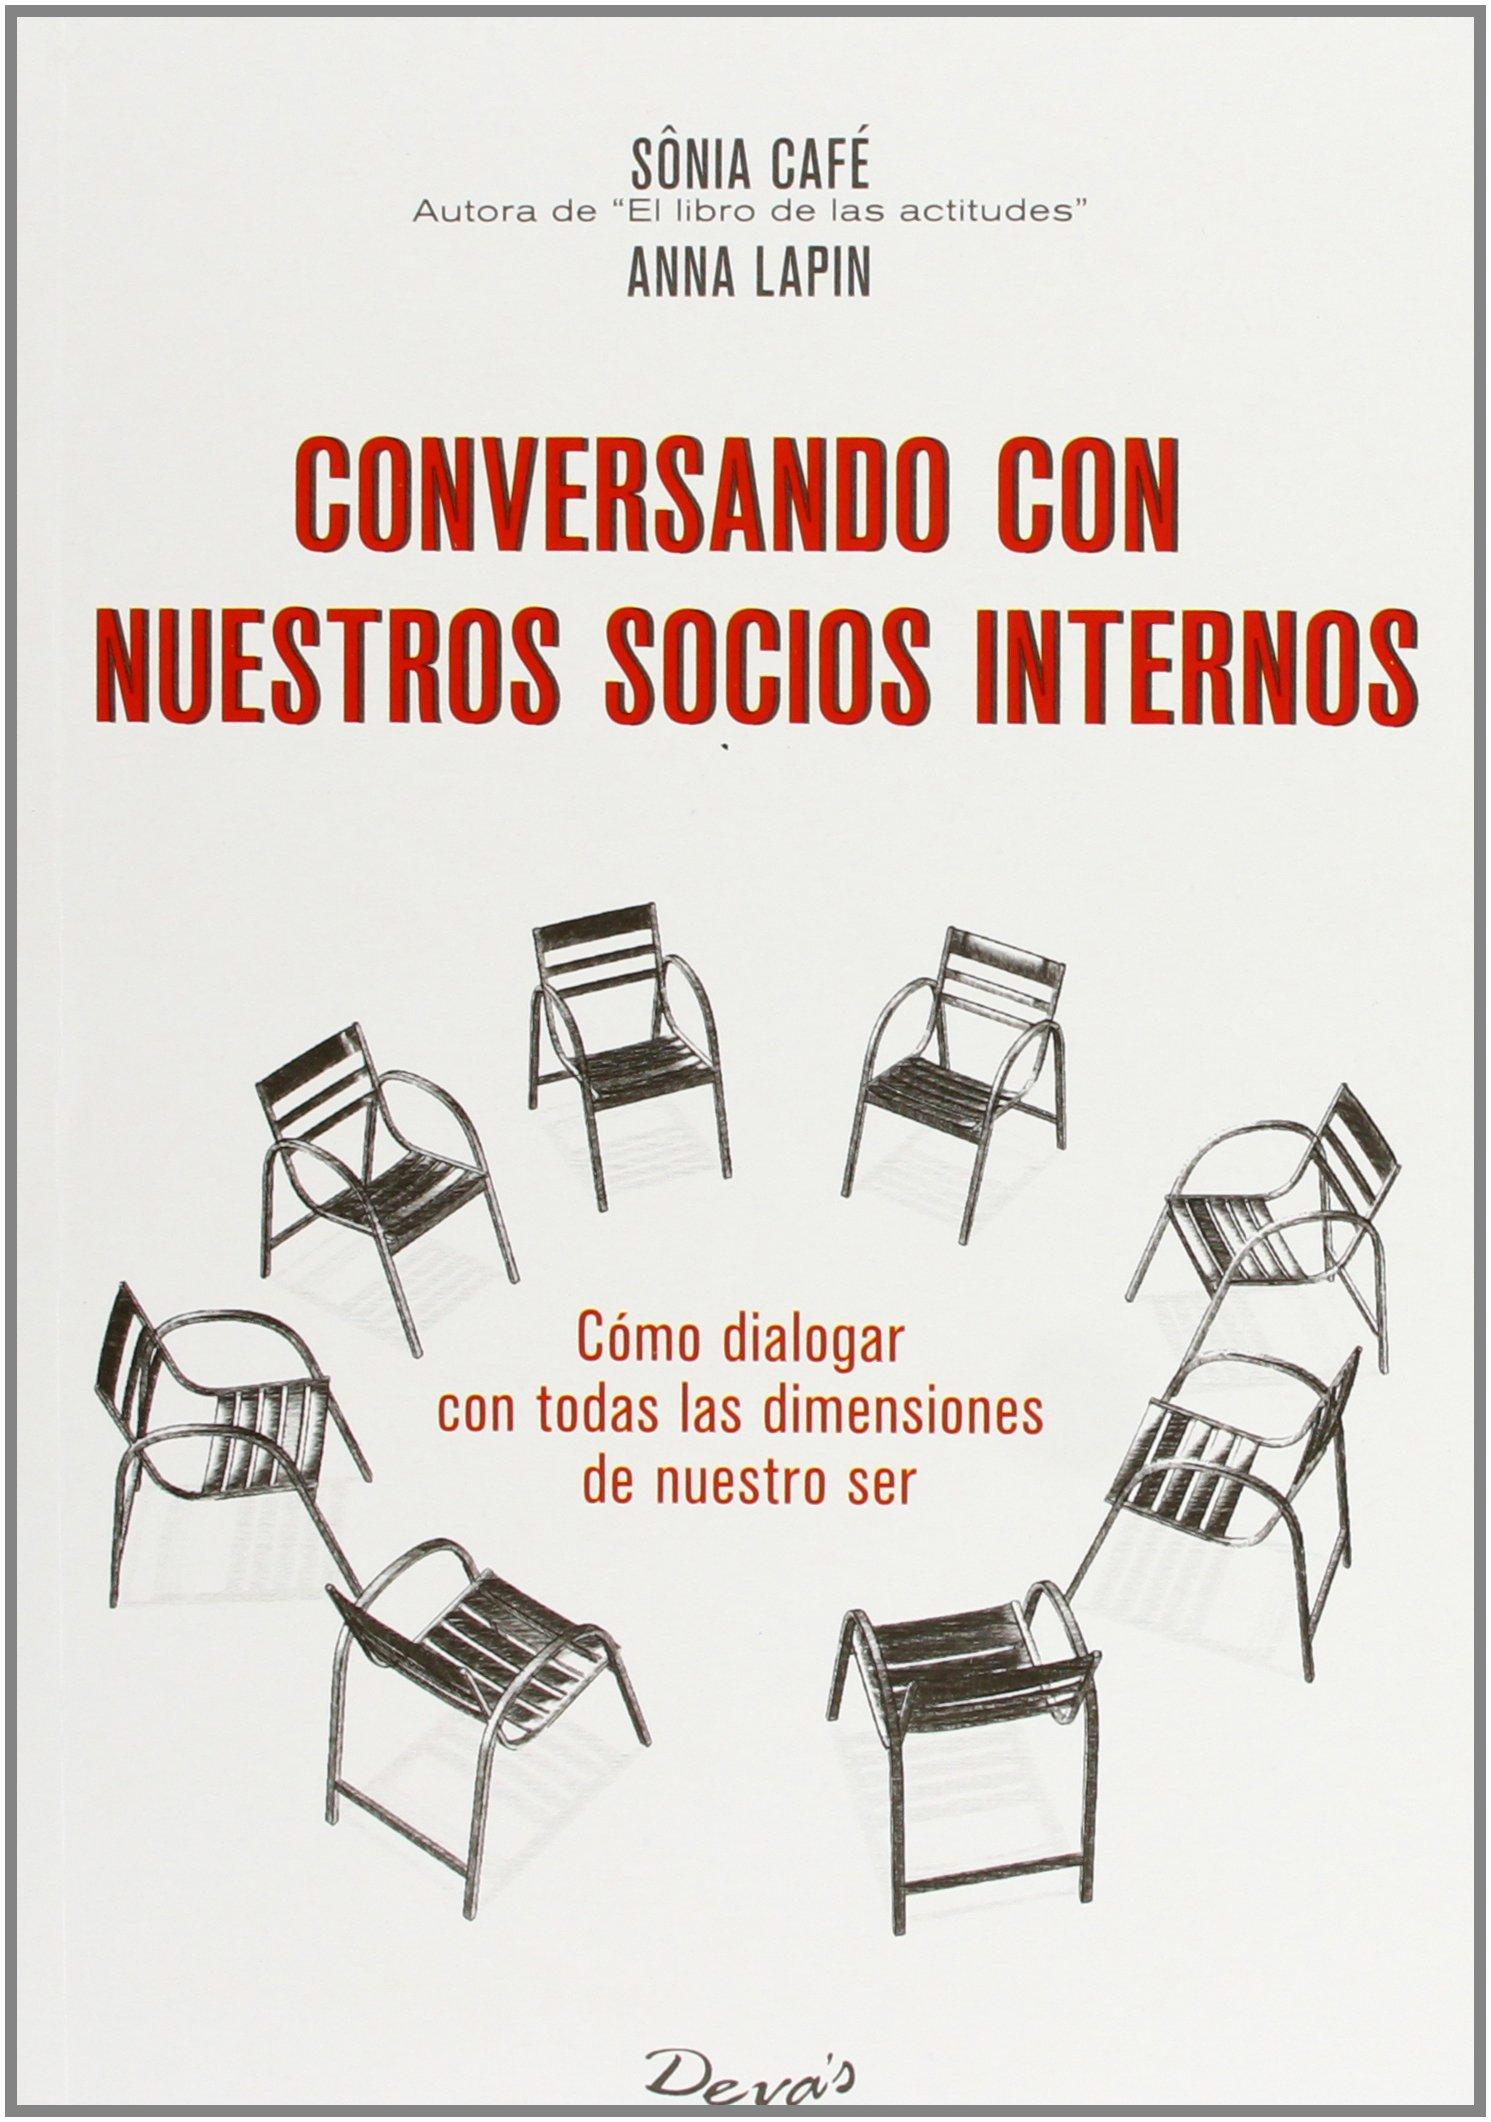 CONVERSANDO CON NUESTROS SOCIOS INTERNOS (Spanish Edition) ebook